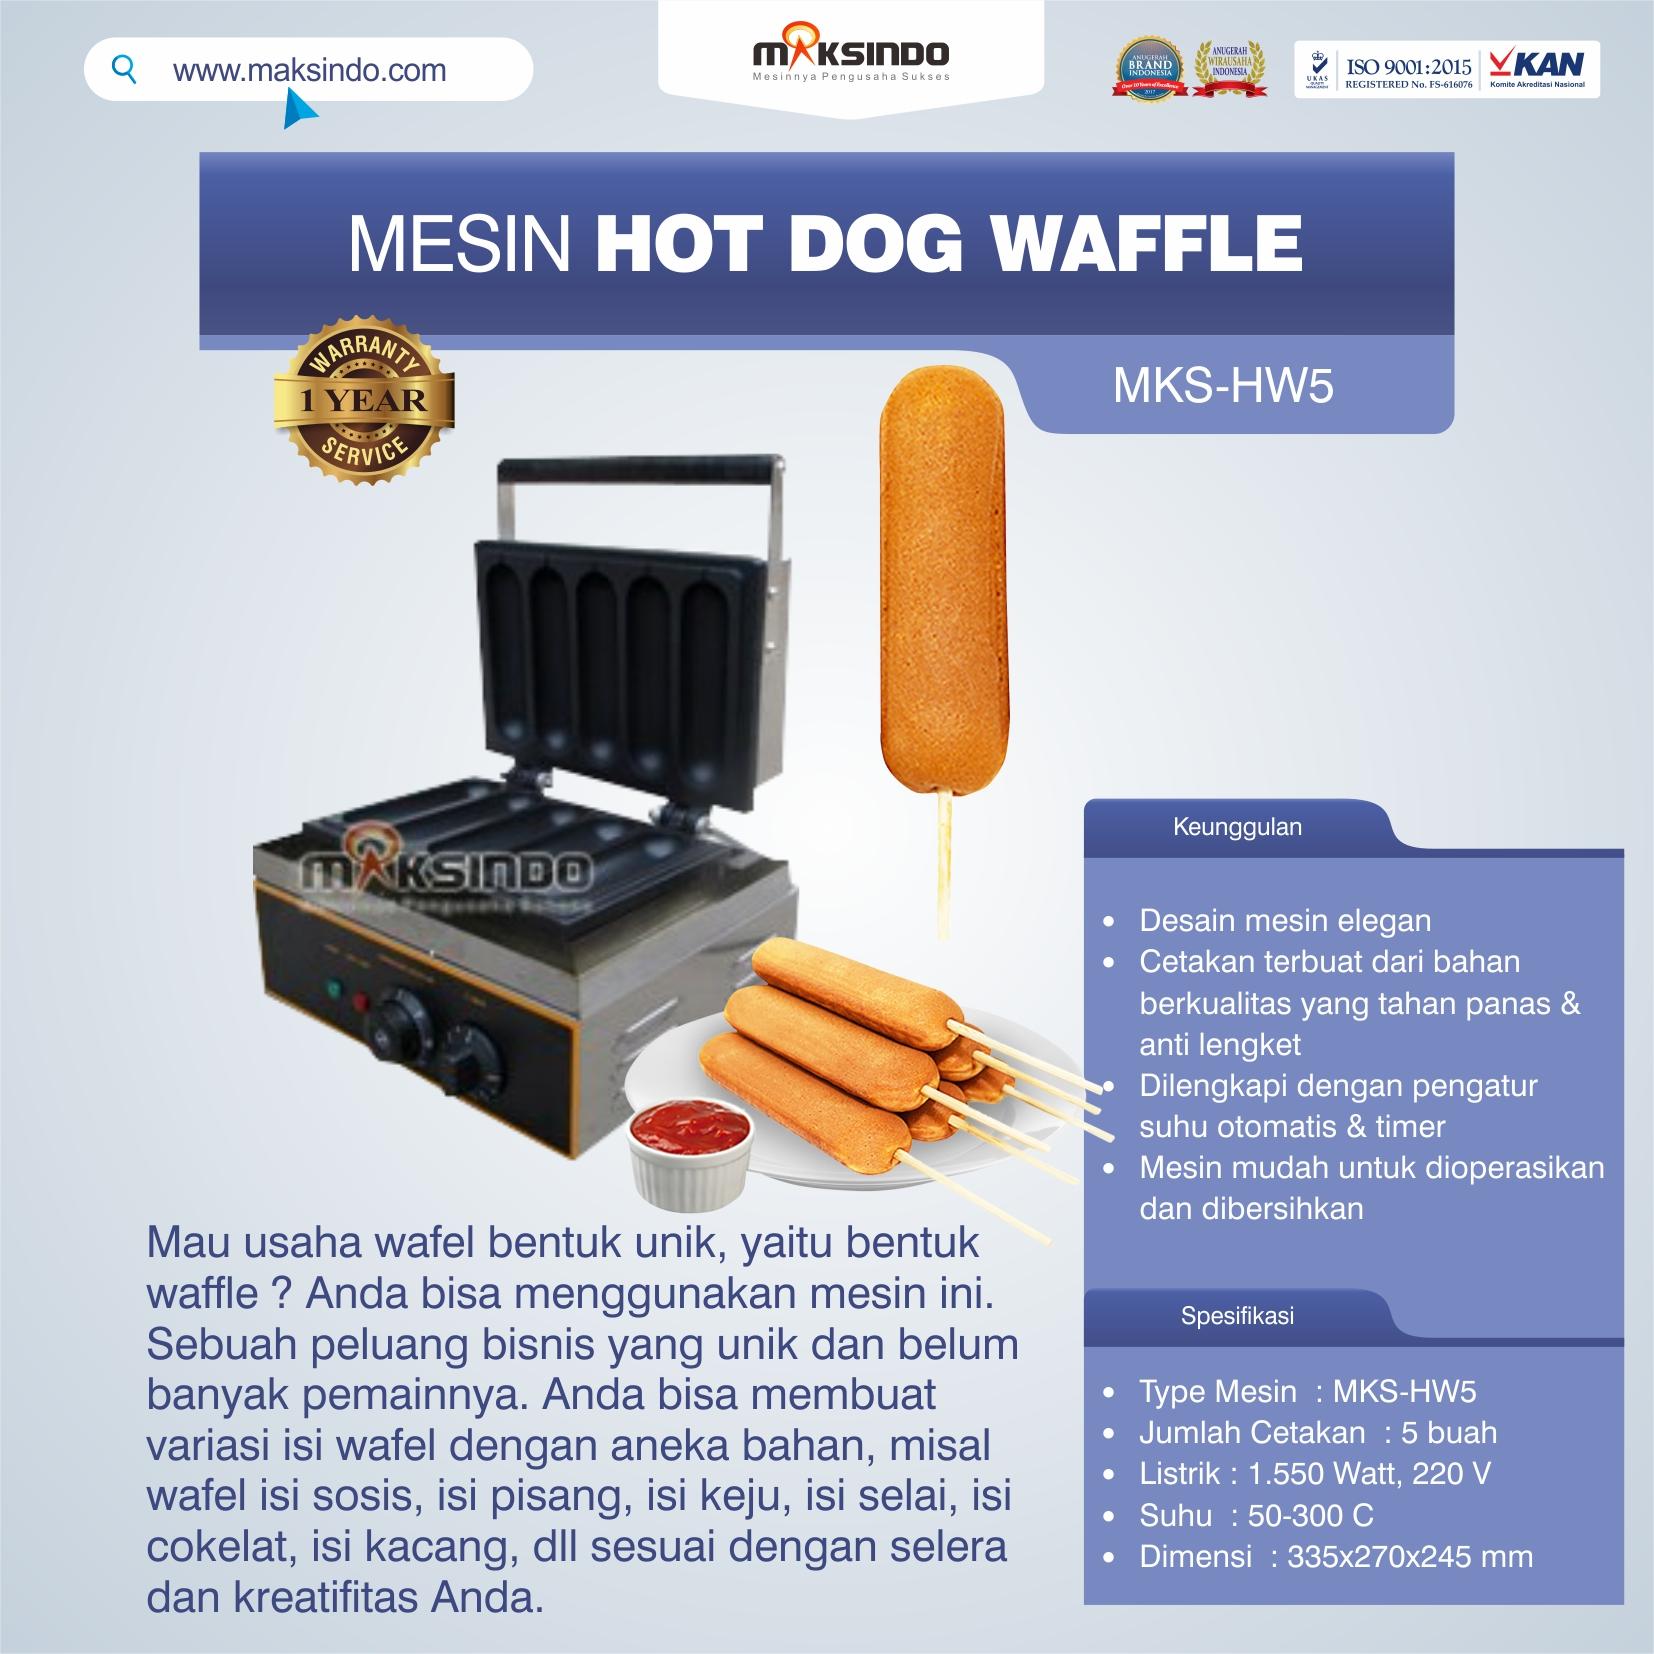 Mesin Hot Dog Waffle MKS-HW5